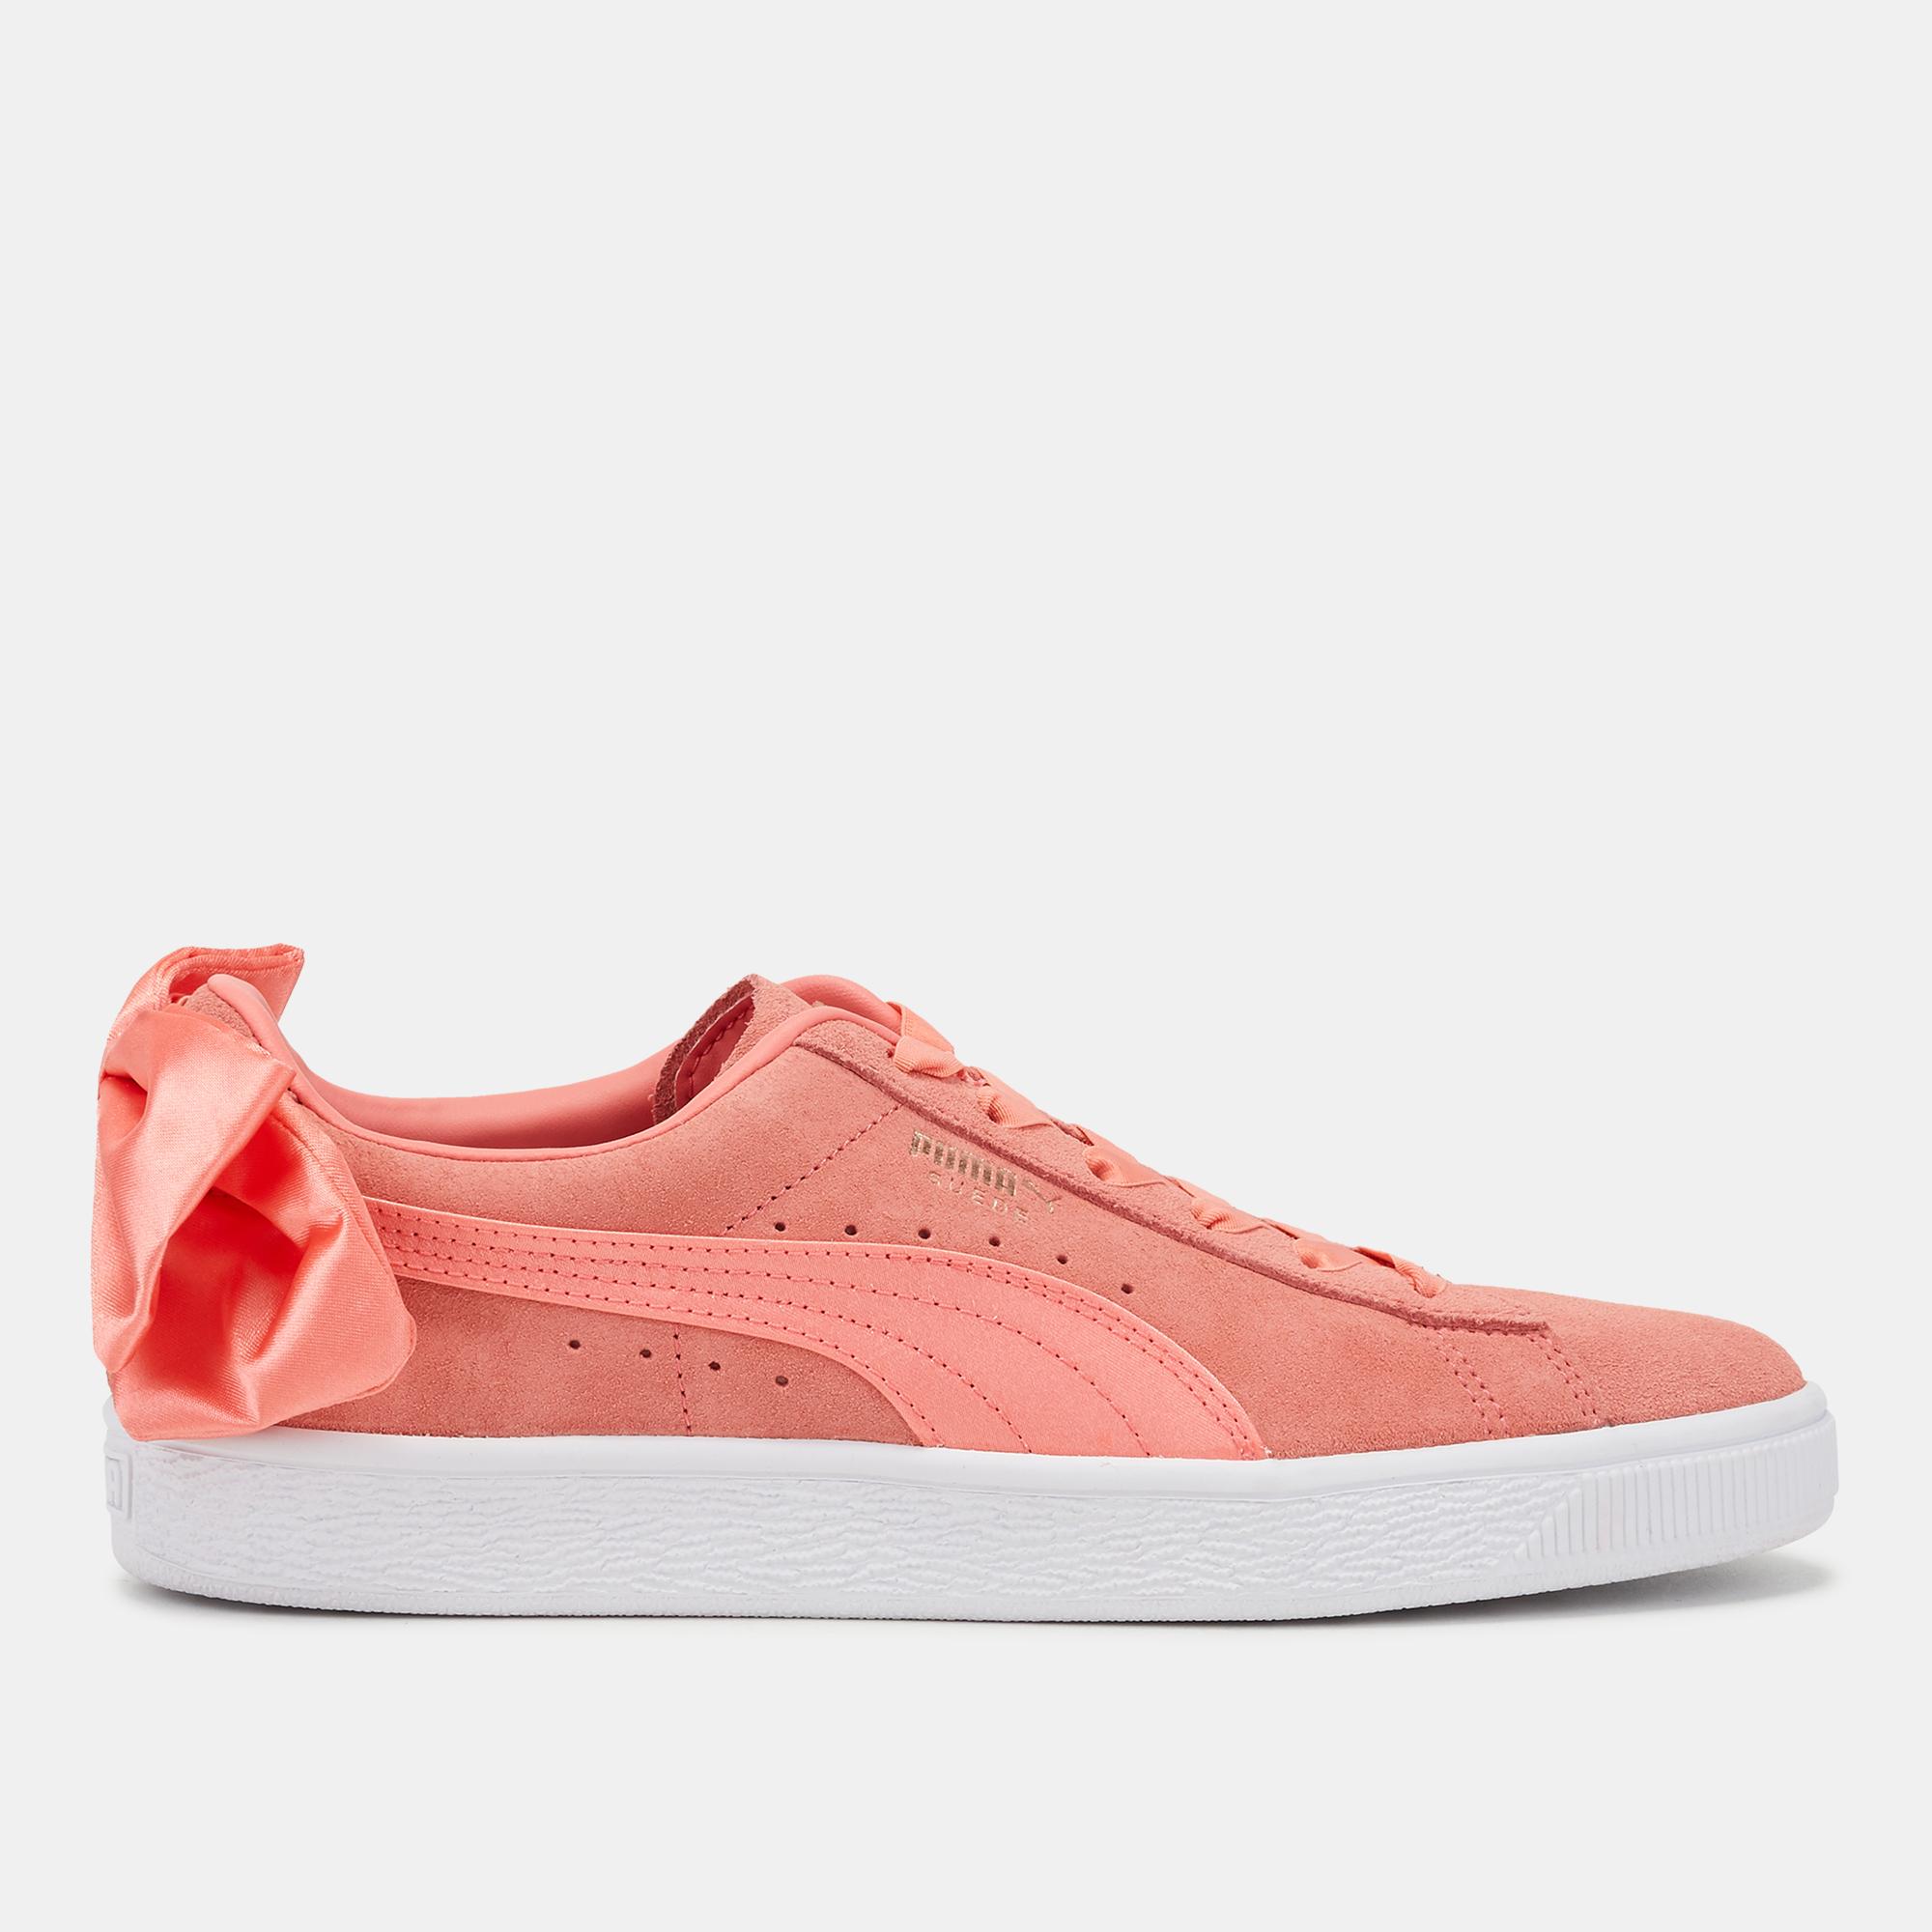 c005f2b06dd Shop Pink PUMA Suede Bow Shoe for Womens by PUMA